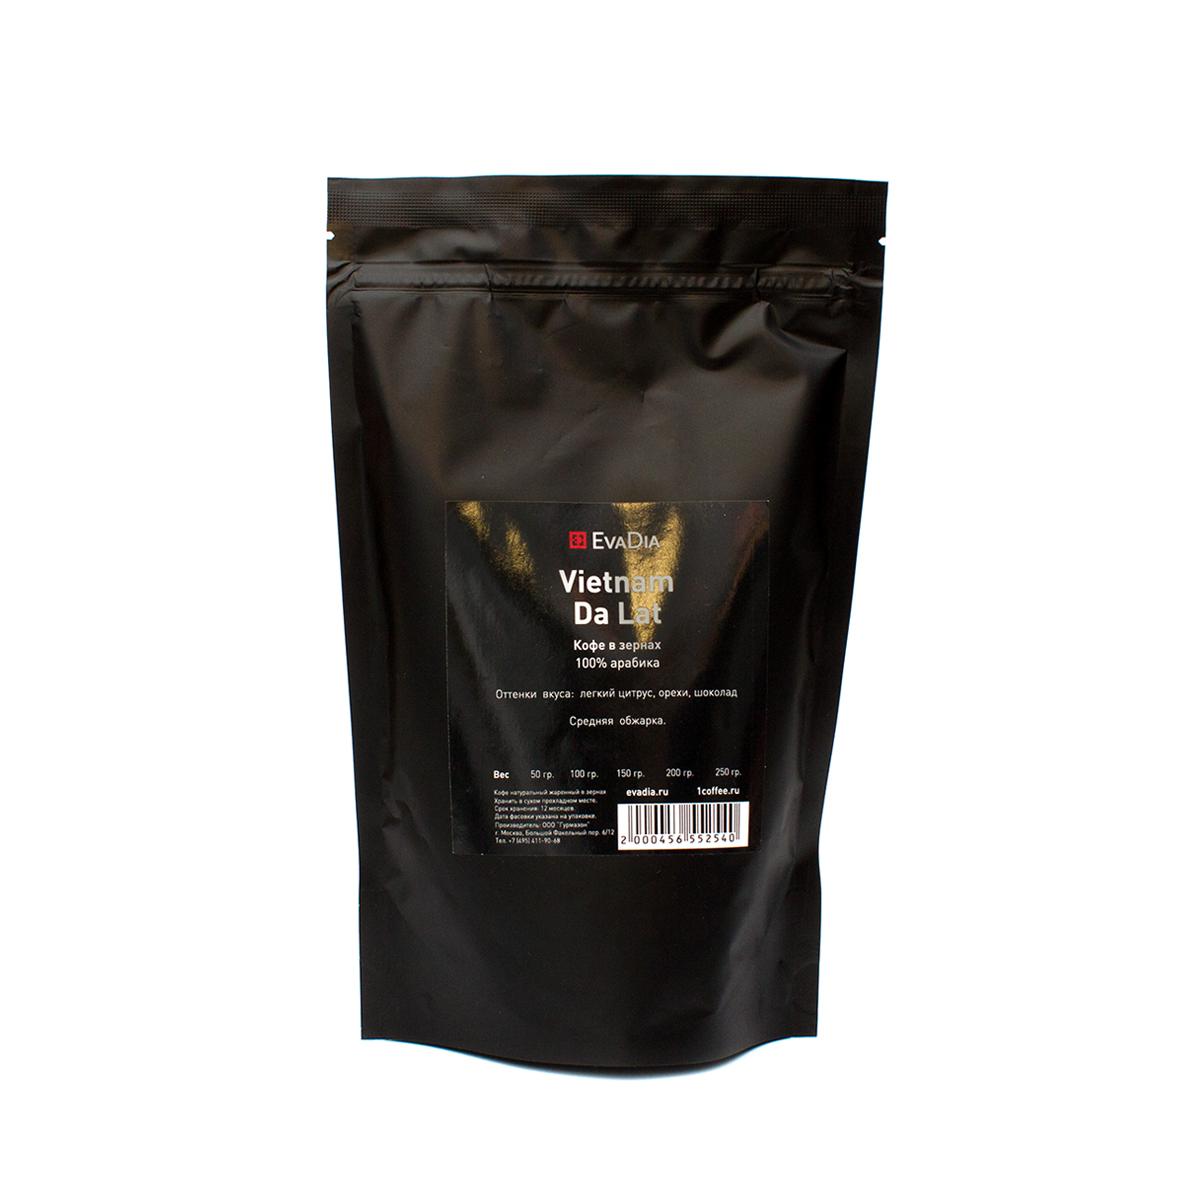 Кофе  EvaDia Вьетнам Далат, 13SFR 100% арабика, 250 грамм